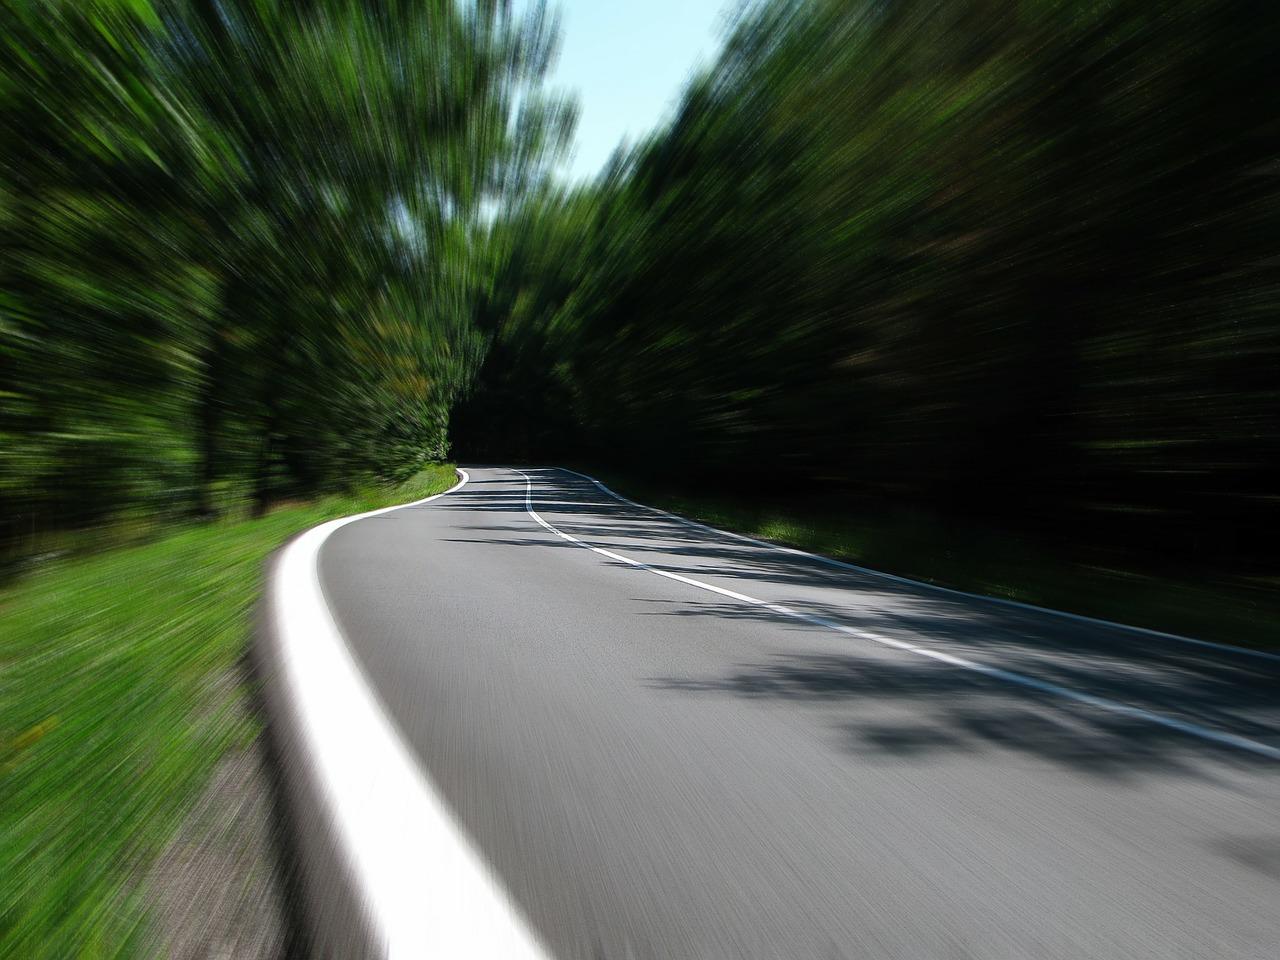 Grobiņas novadā traucas ar 142 km/h; Valsts policija Kurzemē konstatē arvien vairāk ātrumpārkāpēju